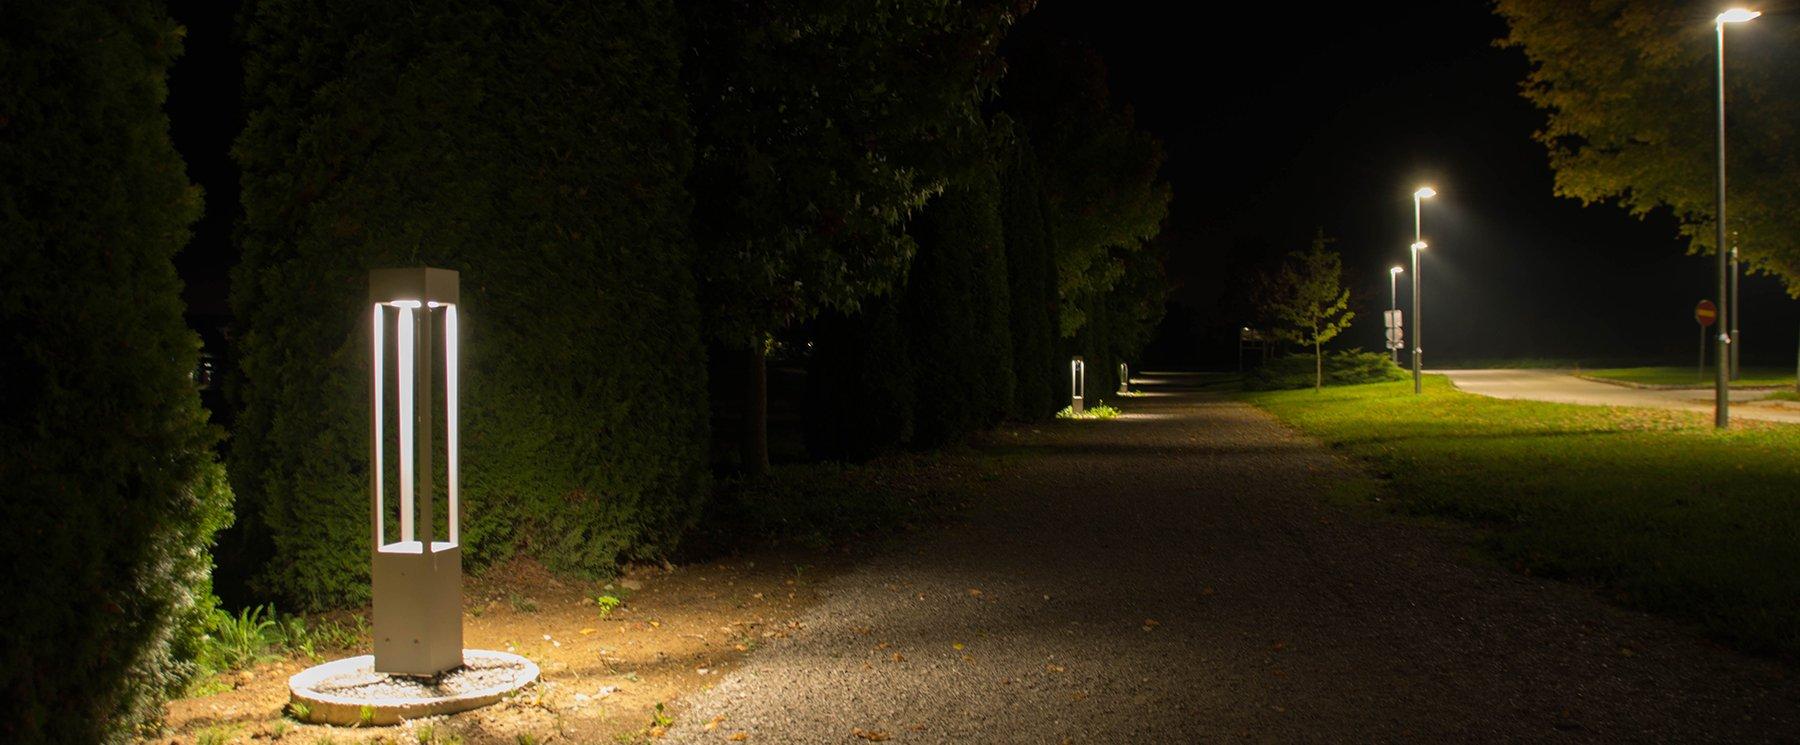 Cestna razsvetljava